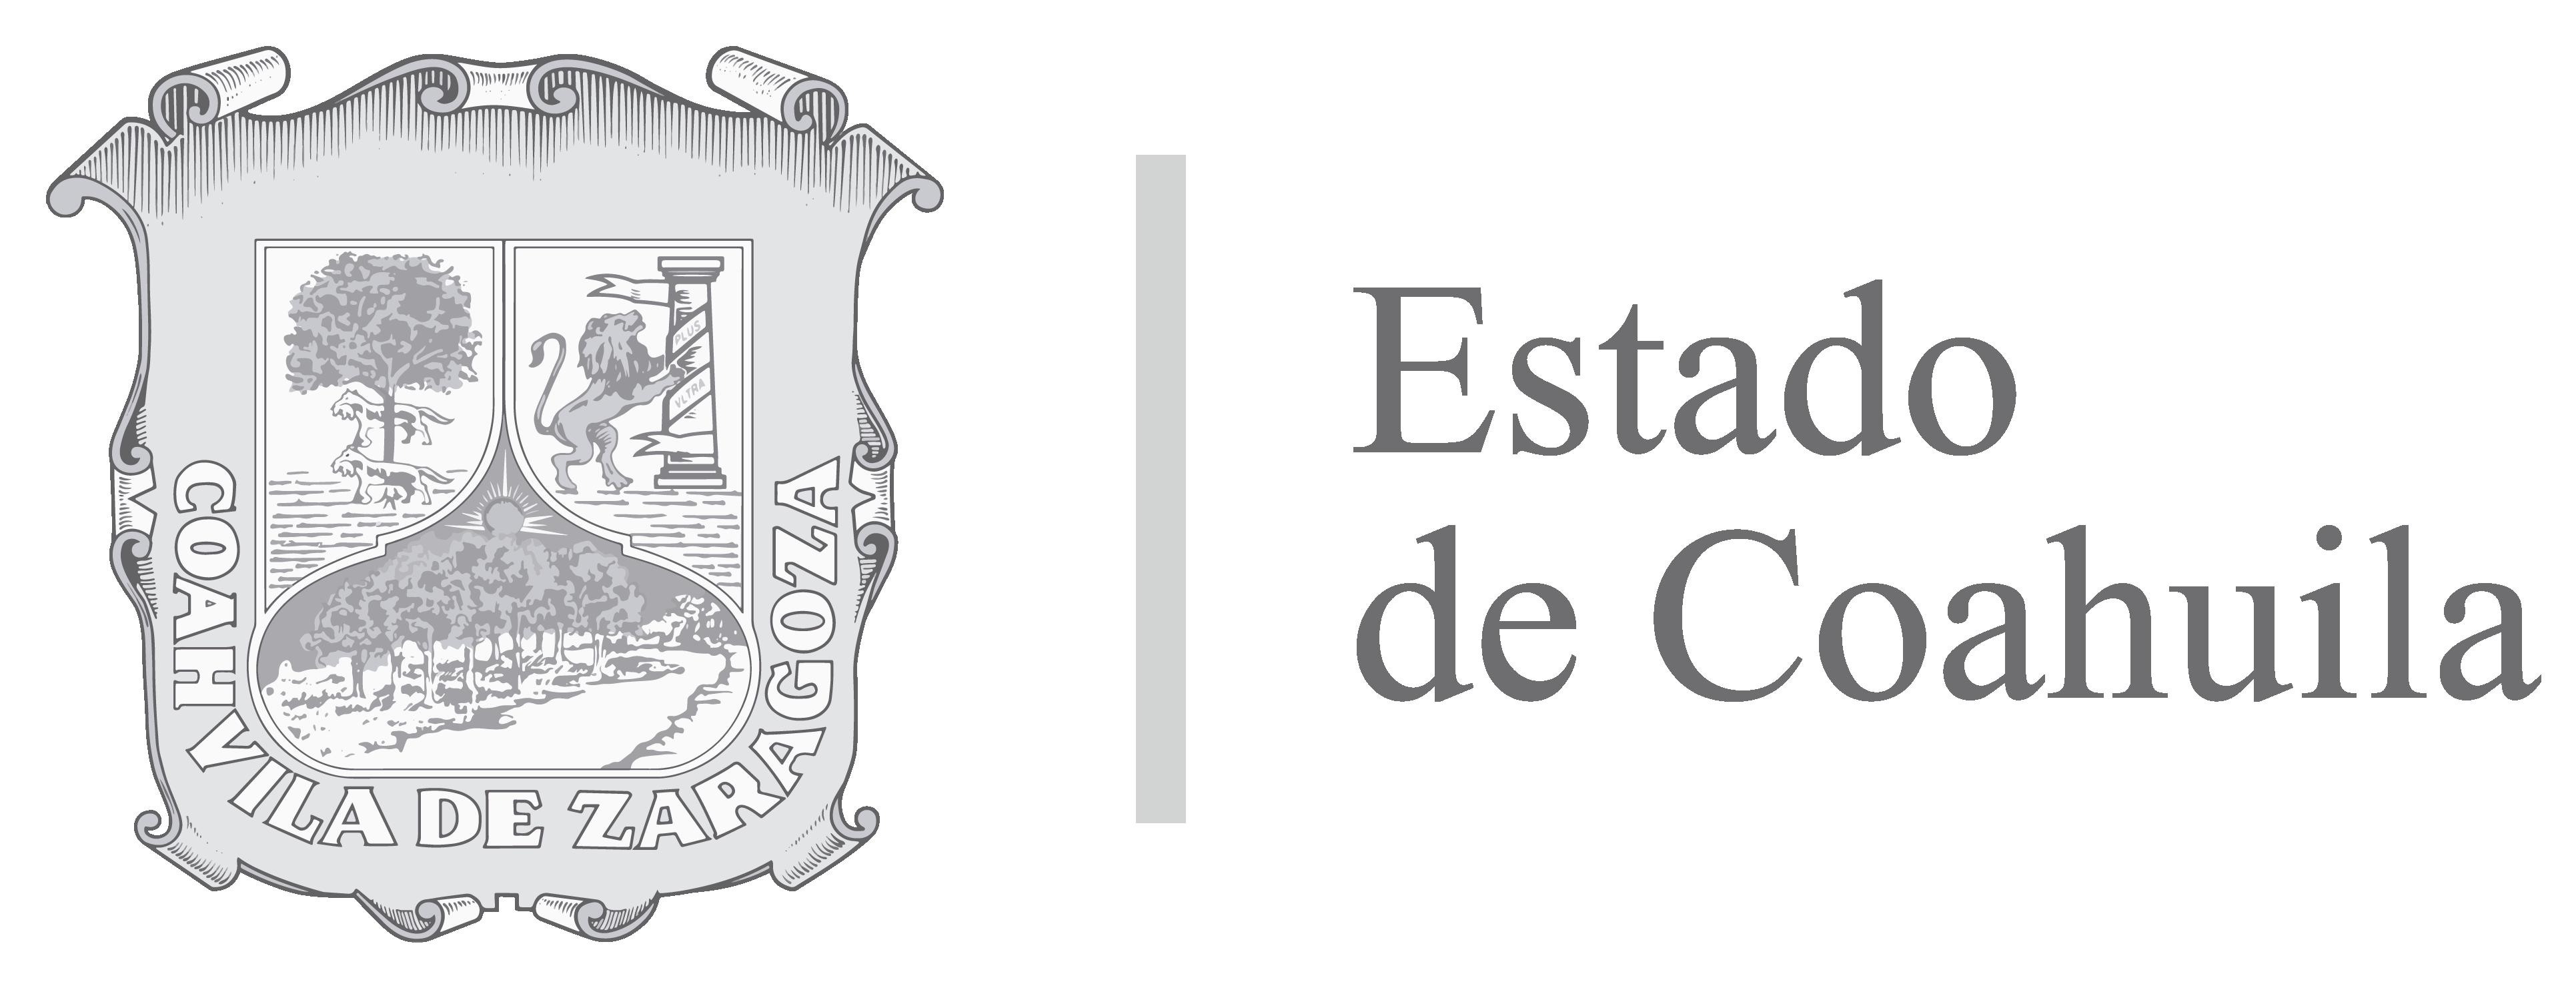 Secretaría de Cultura de Coahuila